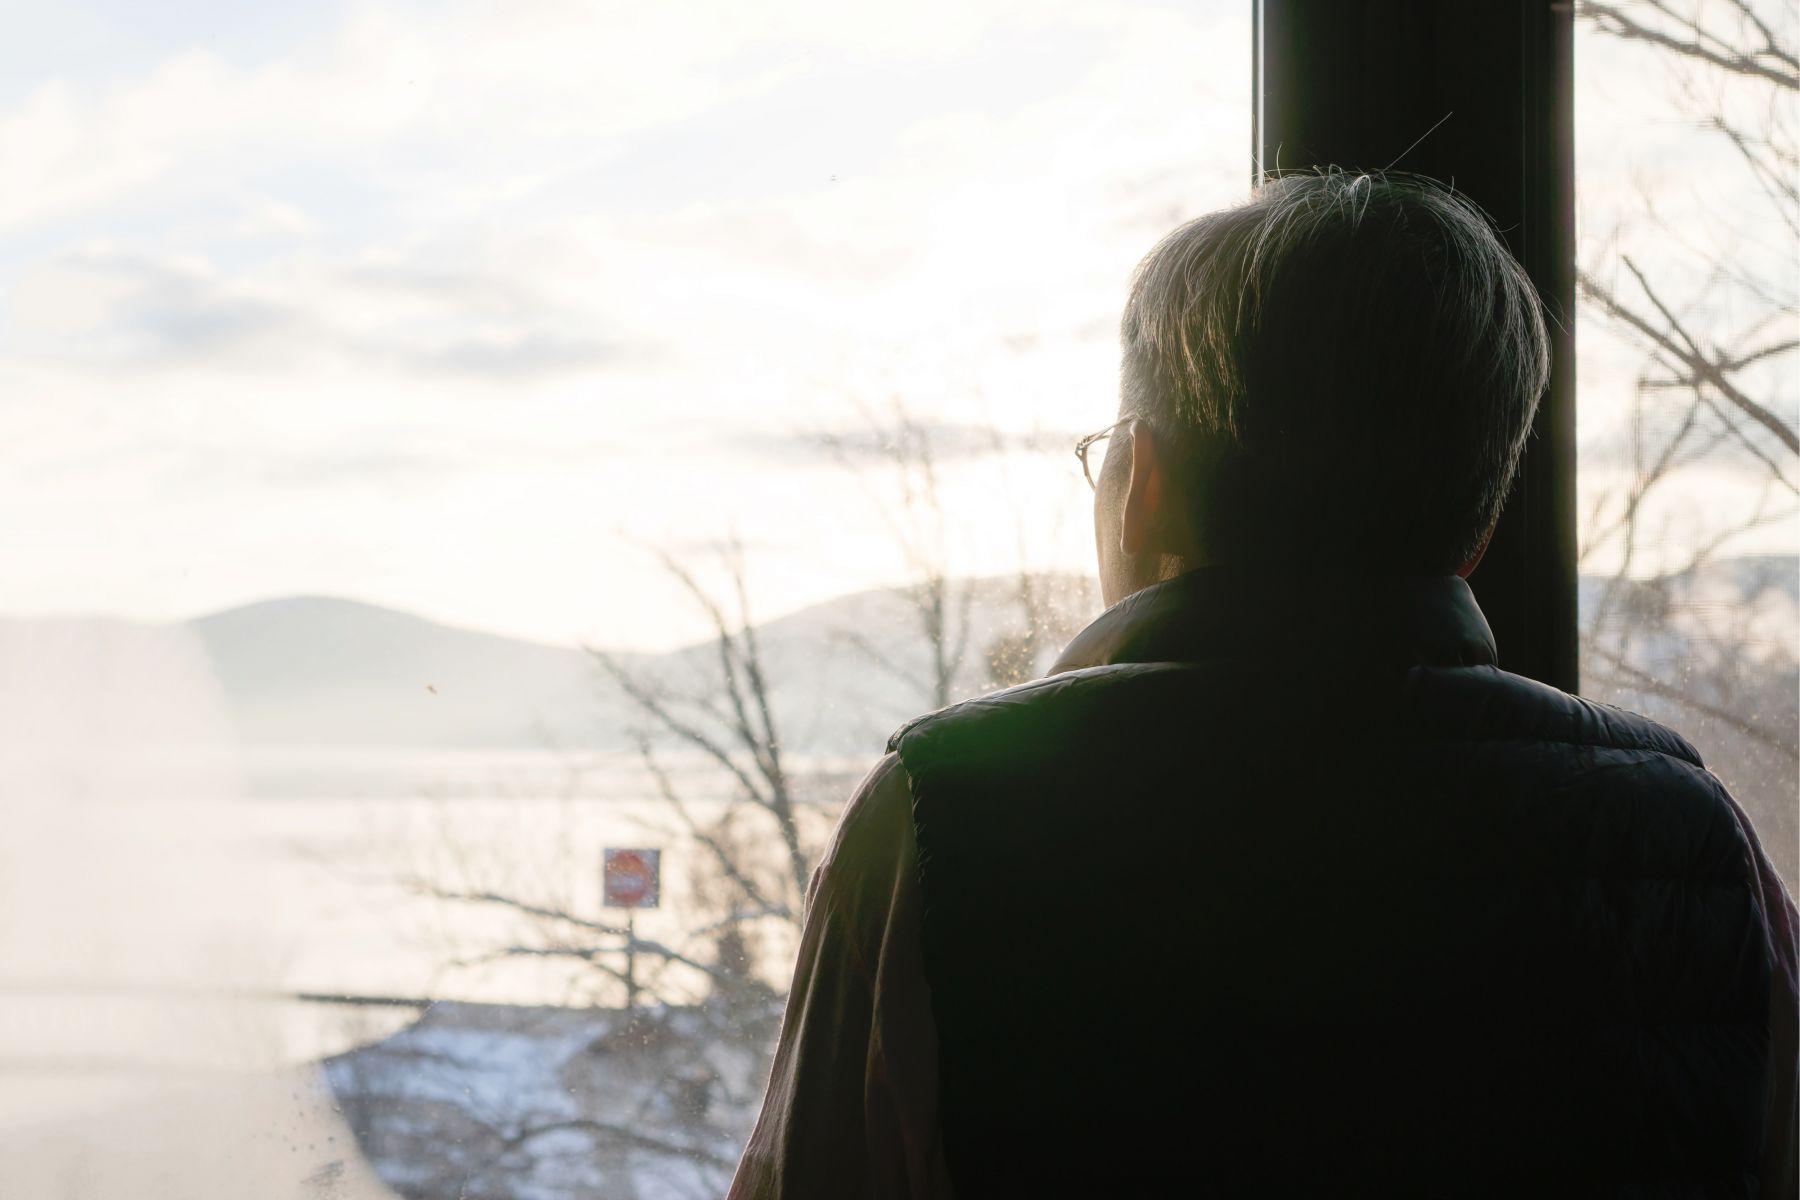 才50歲就早衰、大腦退化?名中醫勸:3個讓你加速老化的惡習,一定要改掉!